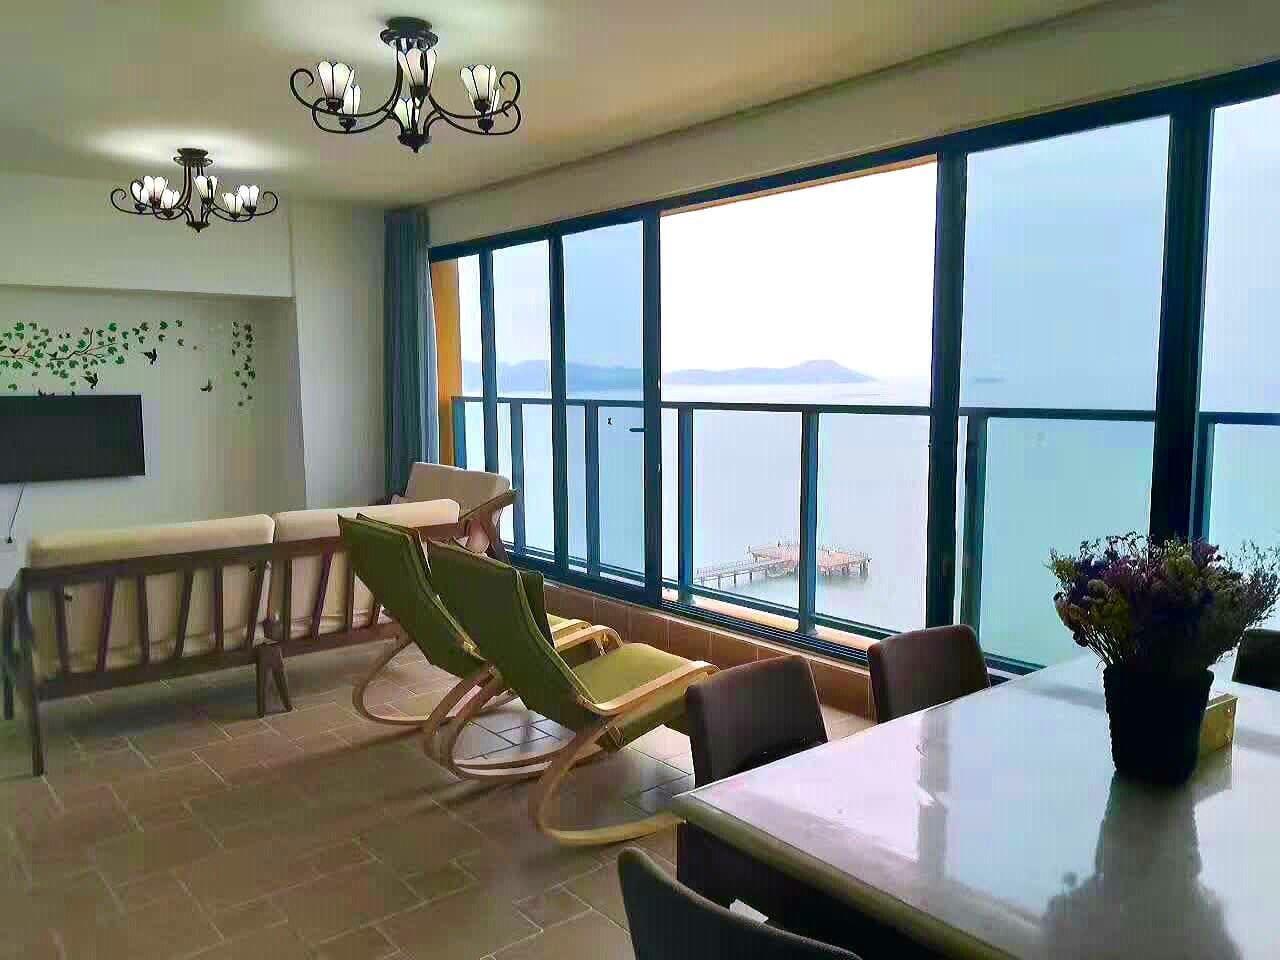 客厅有一面8米长落地窗直面大海,可以坐在客厅里欣赏海上日出、日落、朝霞、晚霞、渔船,看潮起潮落。